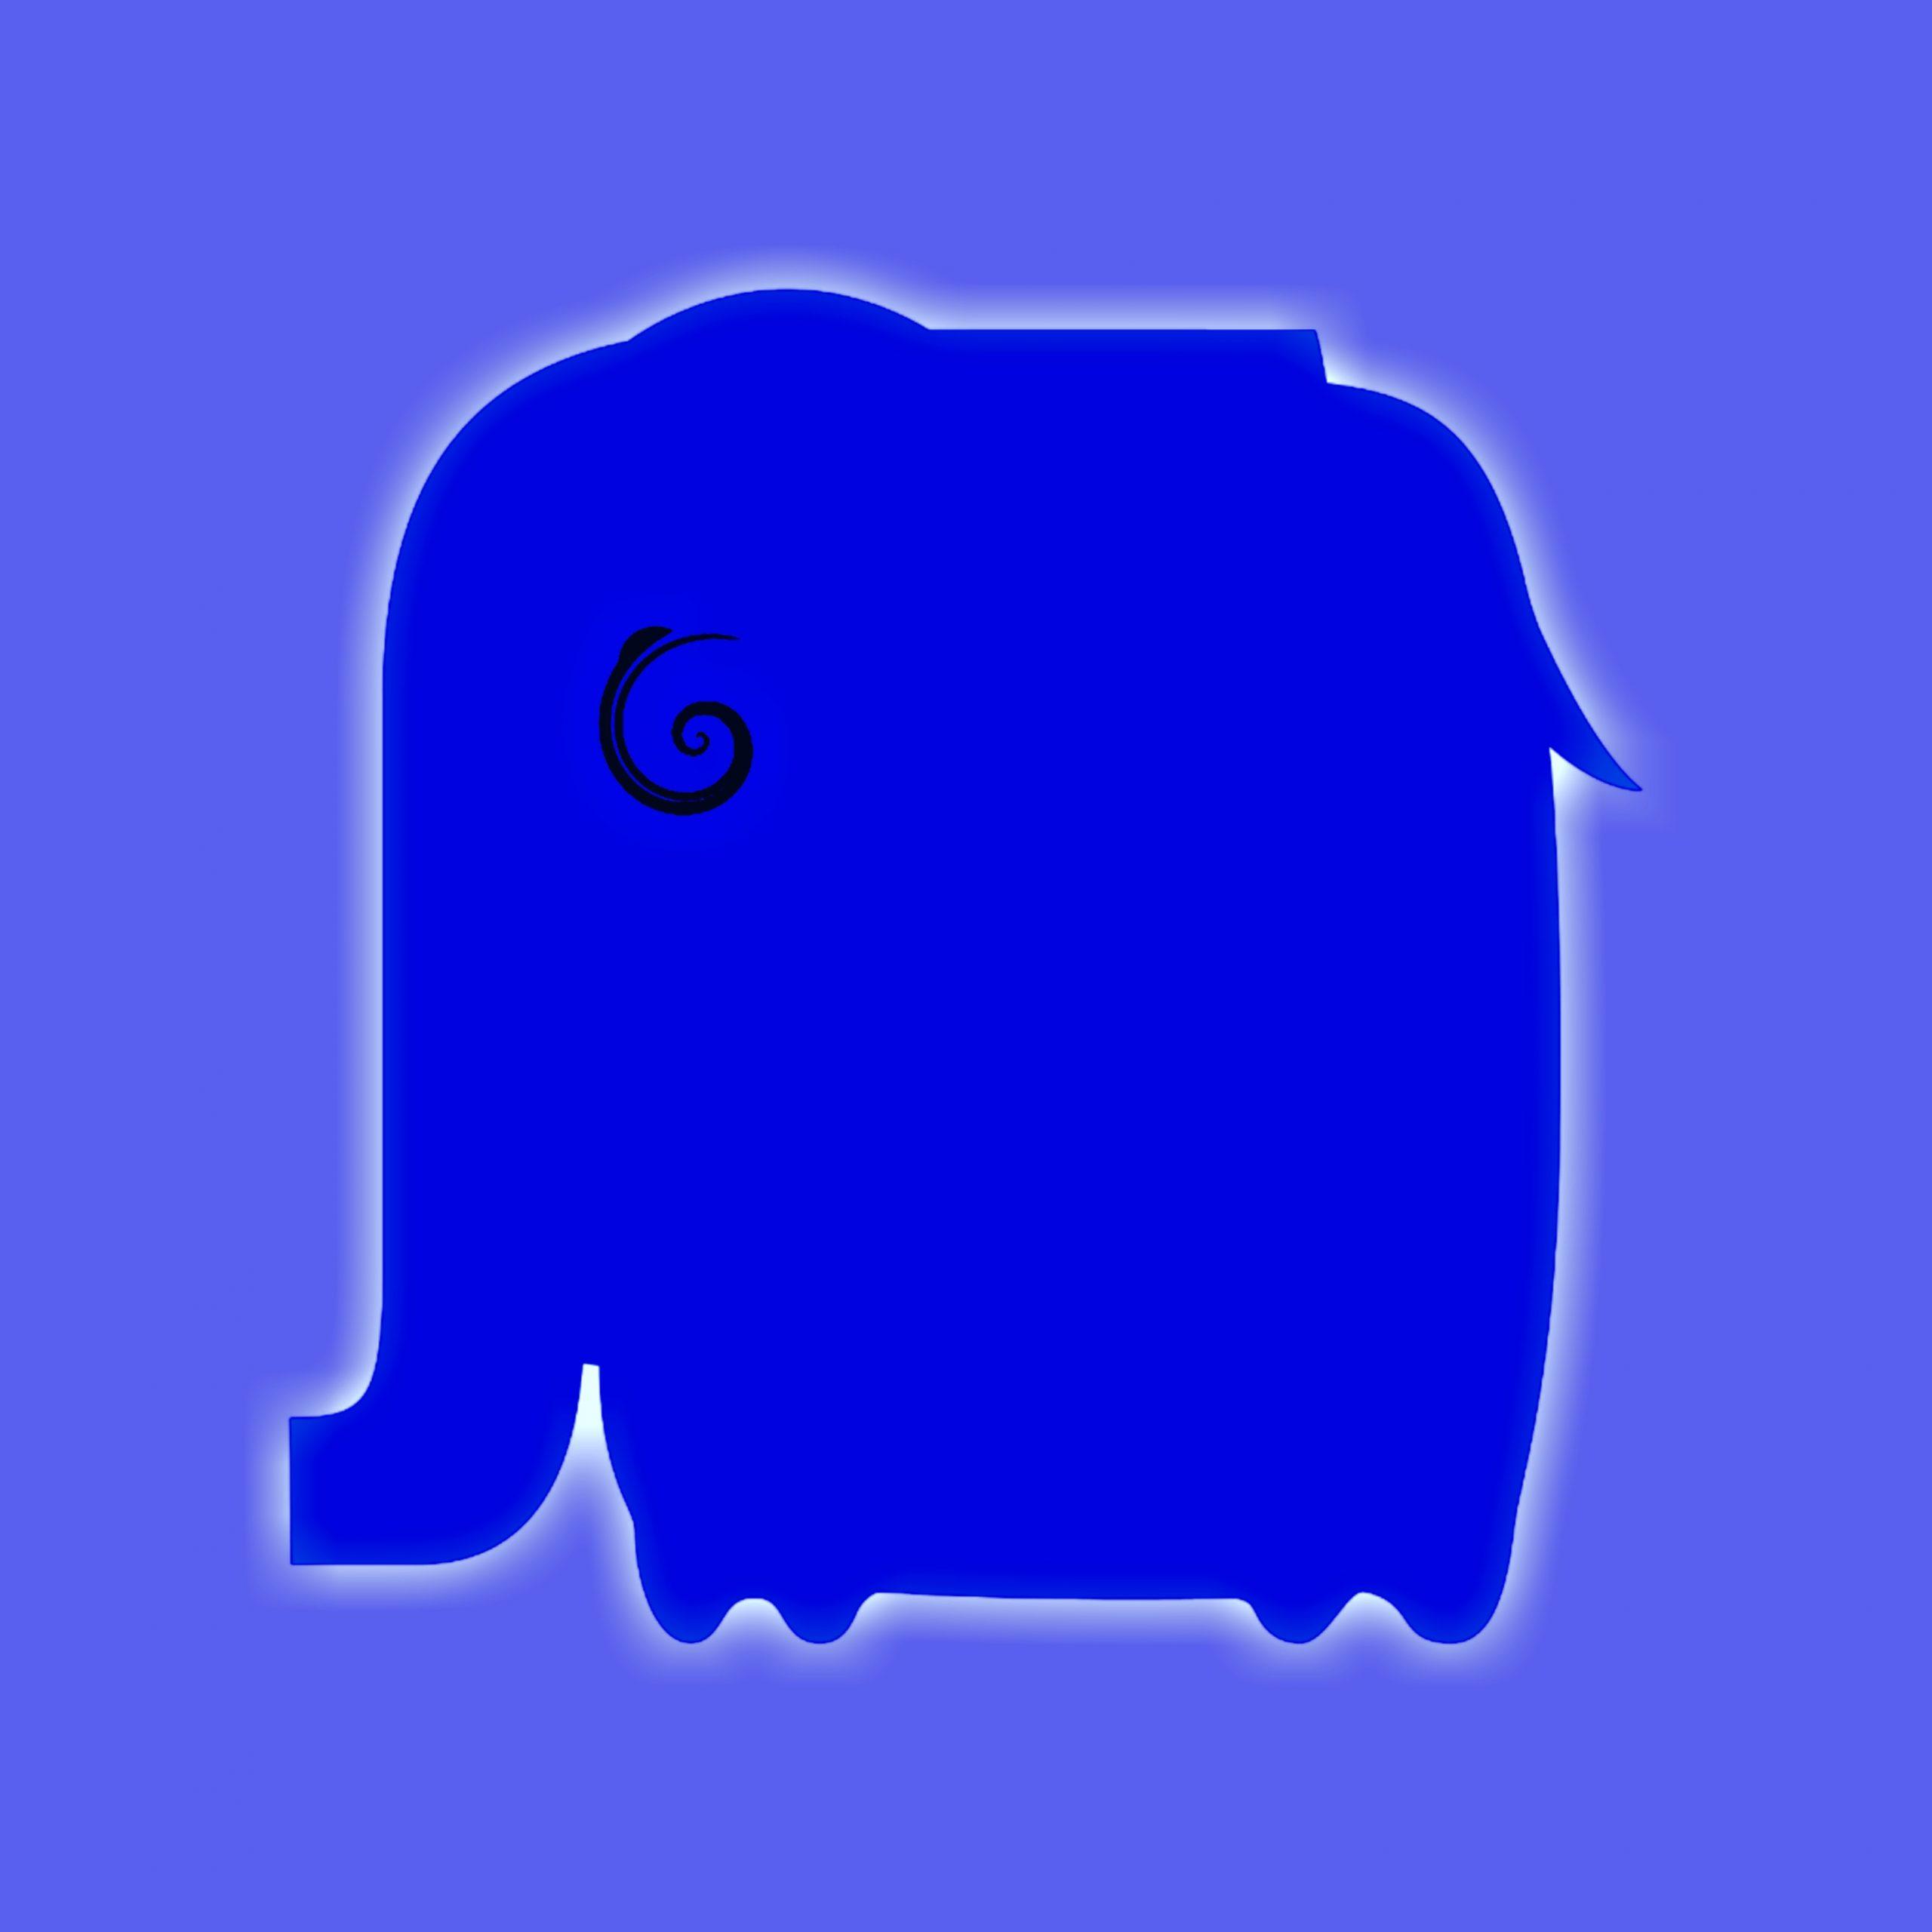 An elephant illustration